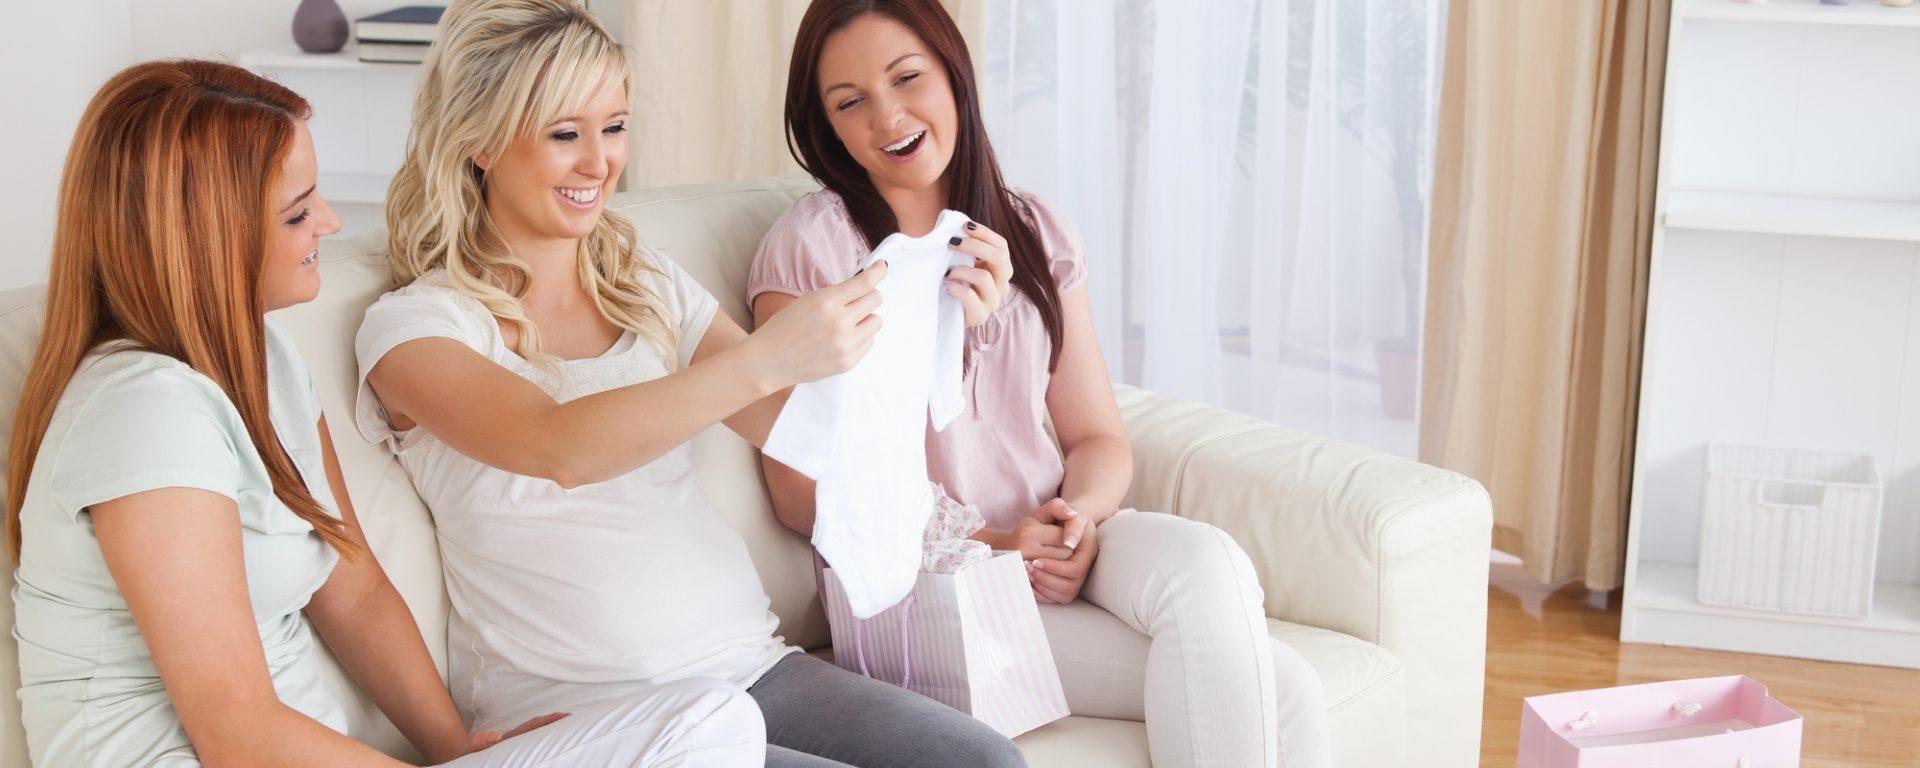 Sinnvolle Geschenke zur Geburt